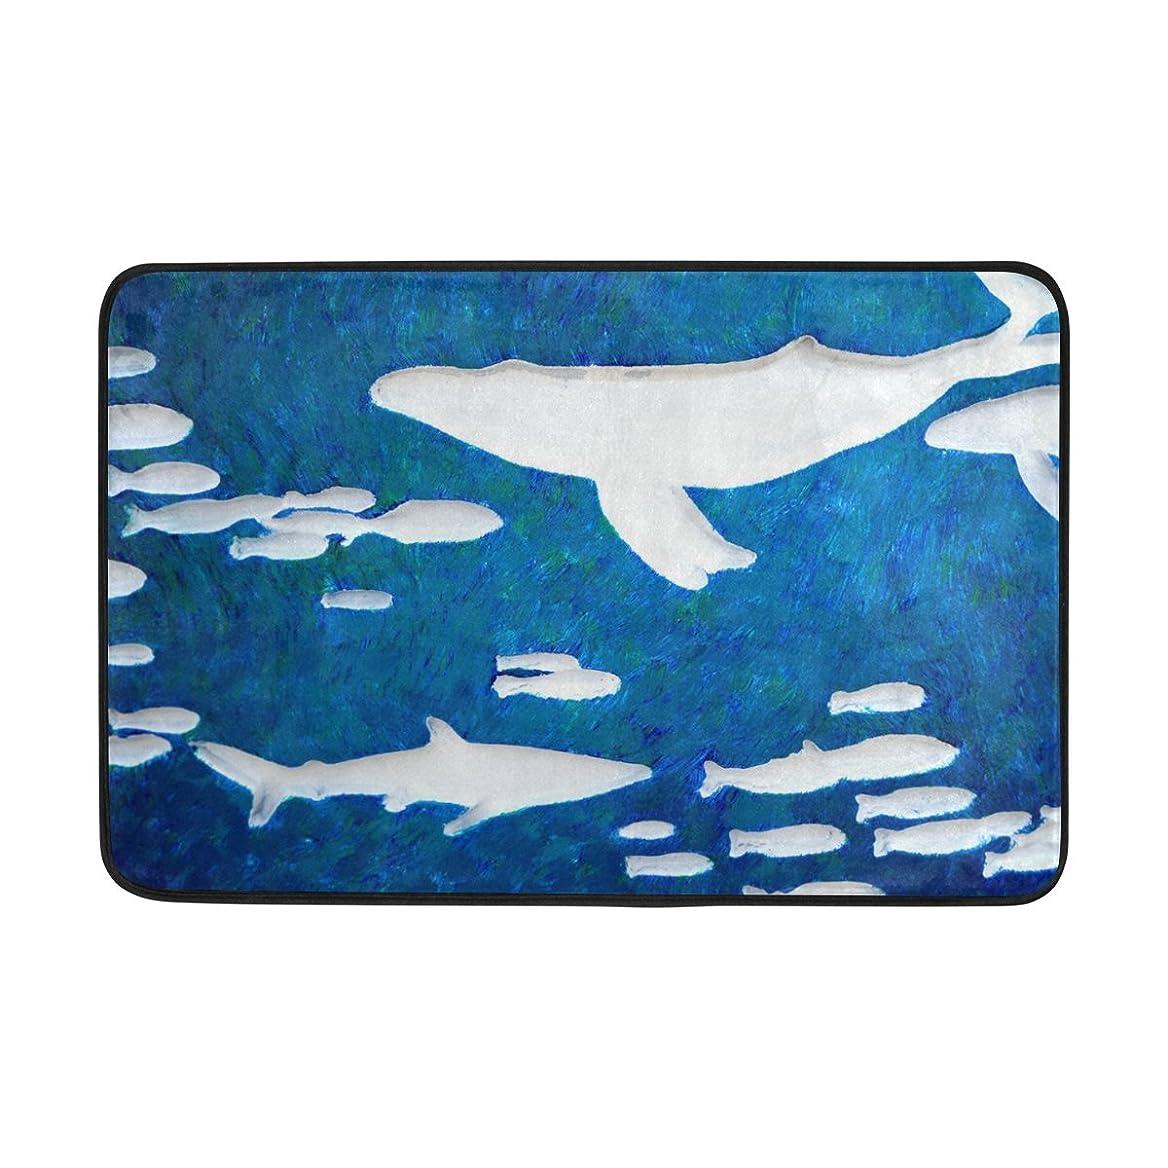 丁寧ボート拍手するAOMOKI 玄関マット カーペット ノーマット 室内 屋内用 北欧 滑り止め 40x60cm 海 鯨 ブルー かわいい きれい